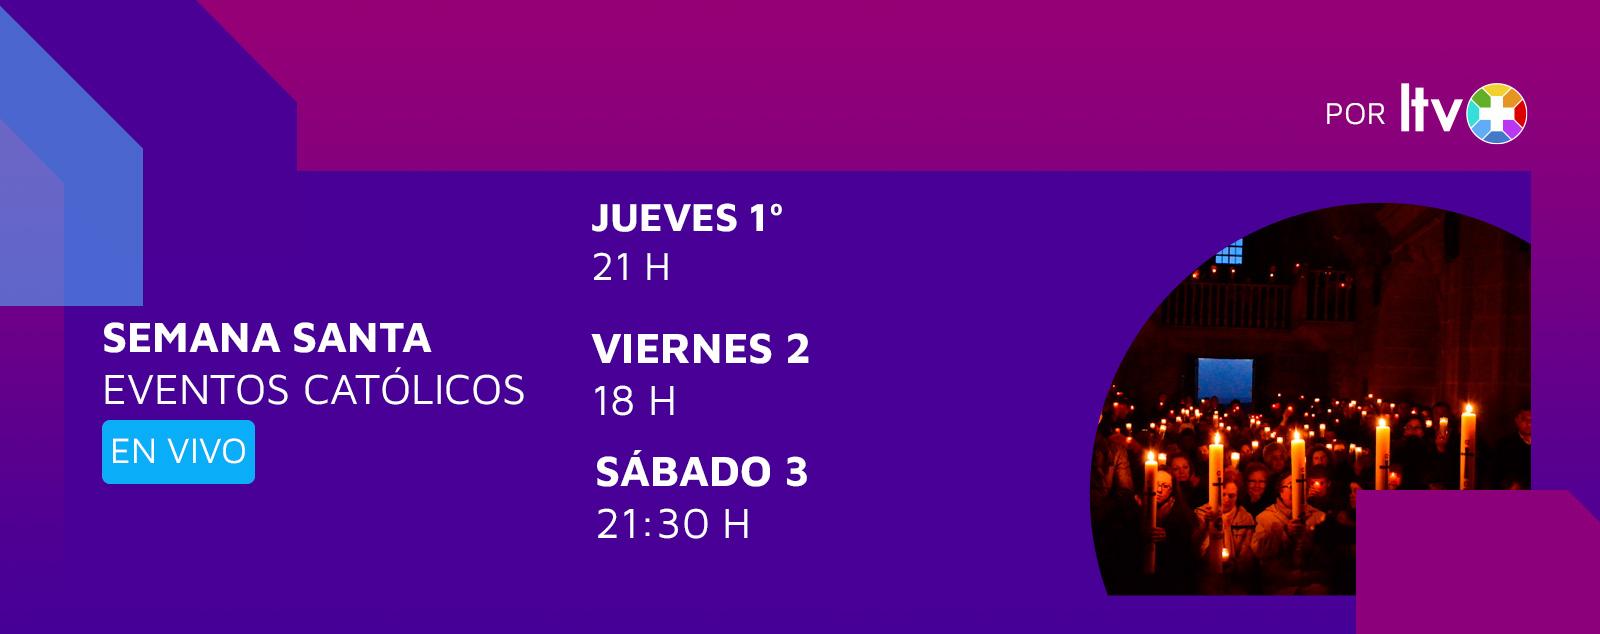 LTV+ transmitirá en vivo las misas y celebraciones del Jueves, Viernes y Sábado Santo